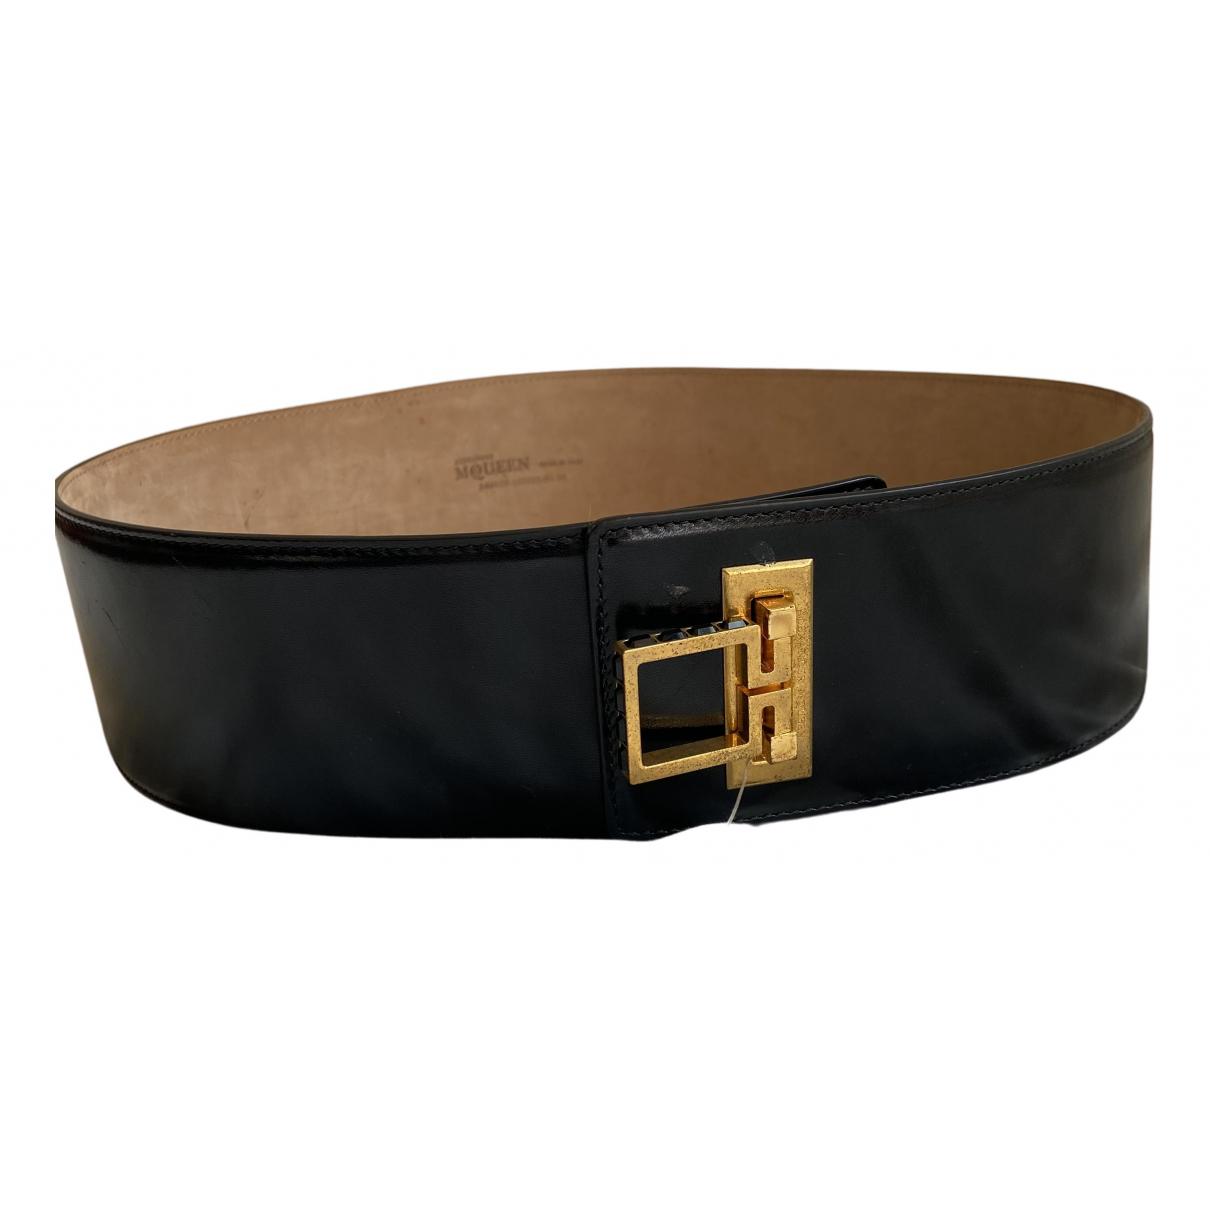 Cinturon de Cuero Alexander Mcqueen